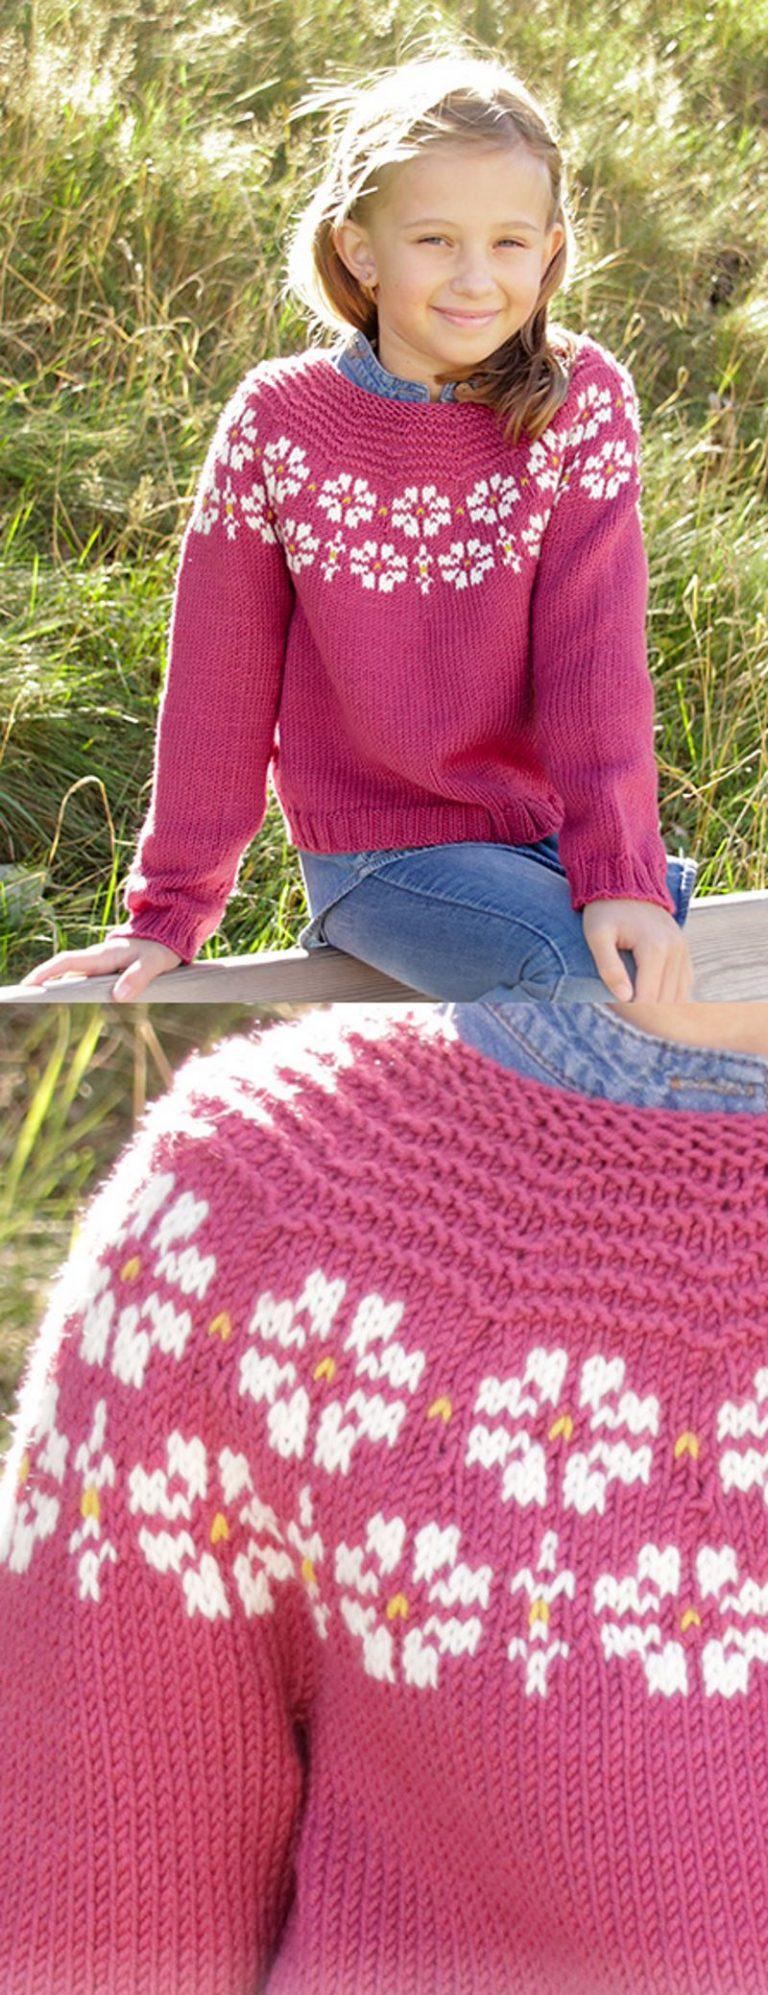 14+ Free Knitting Patterns for Girls | Knitting girls ...